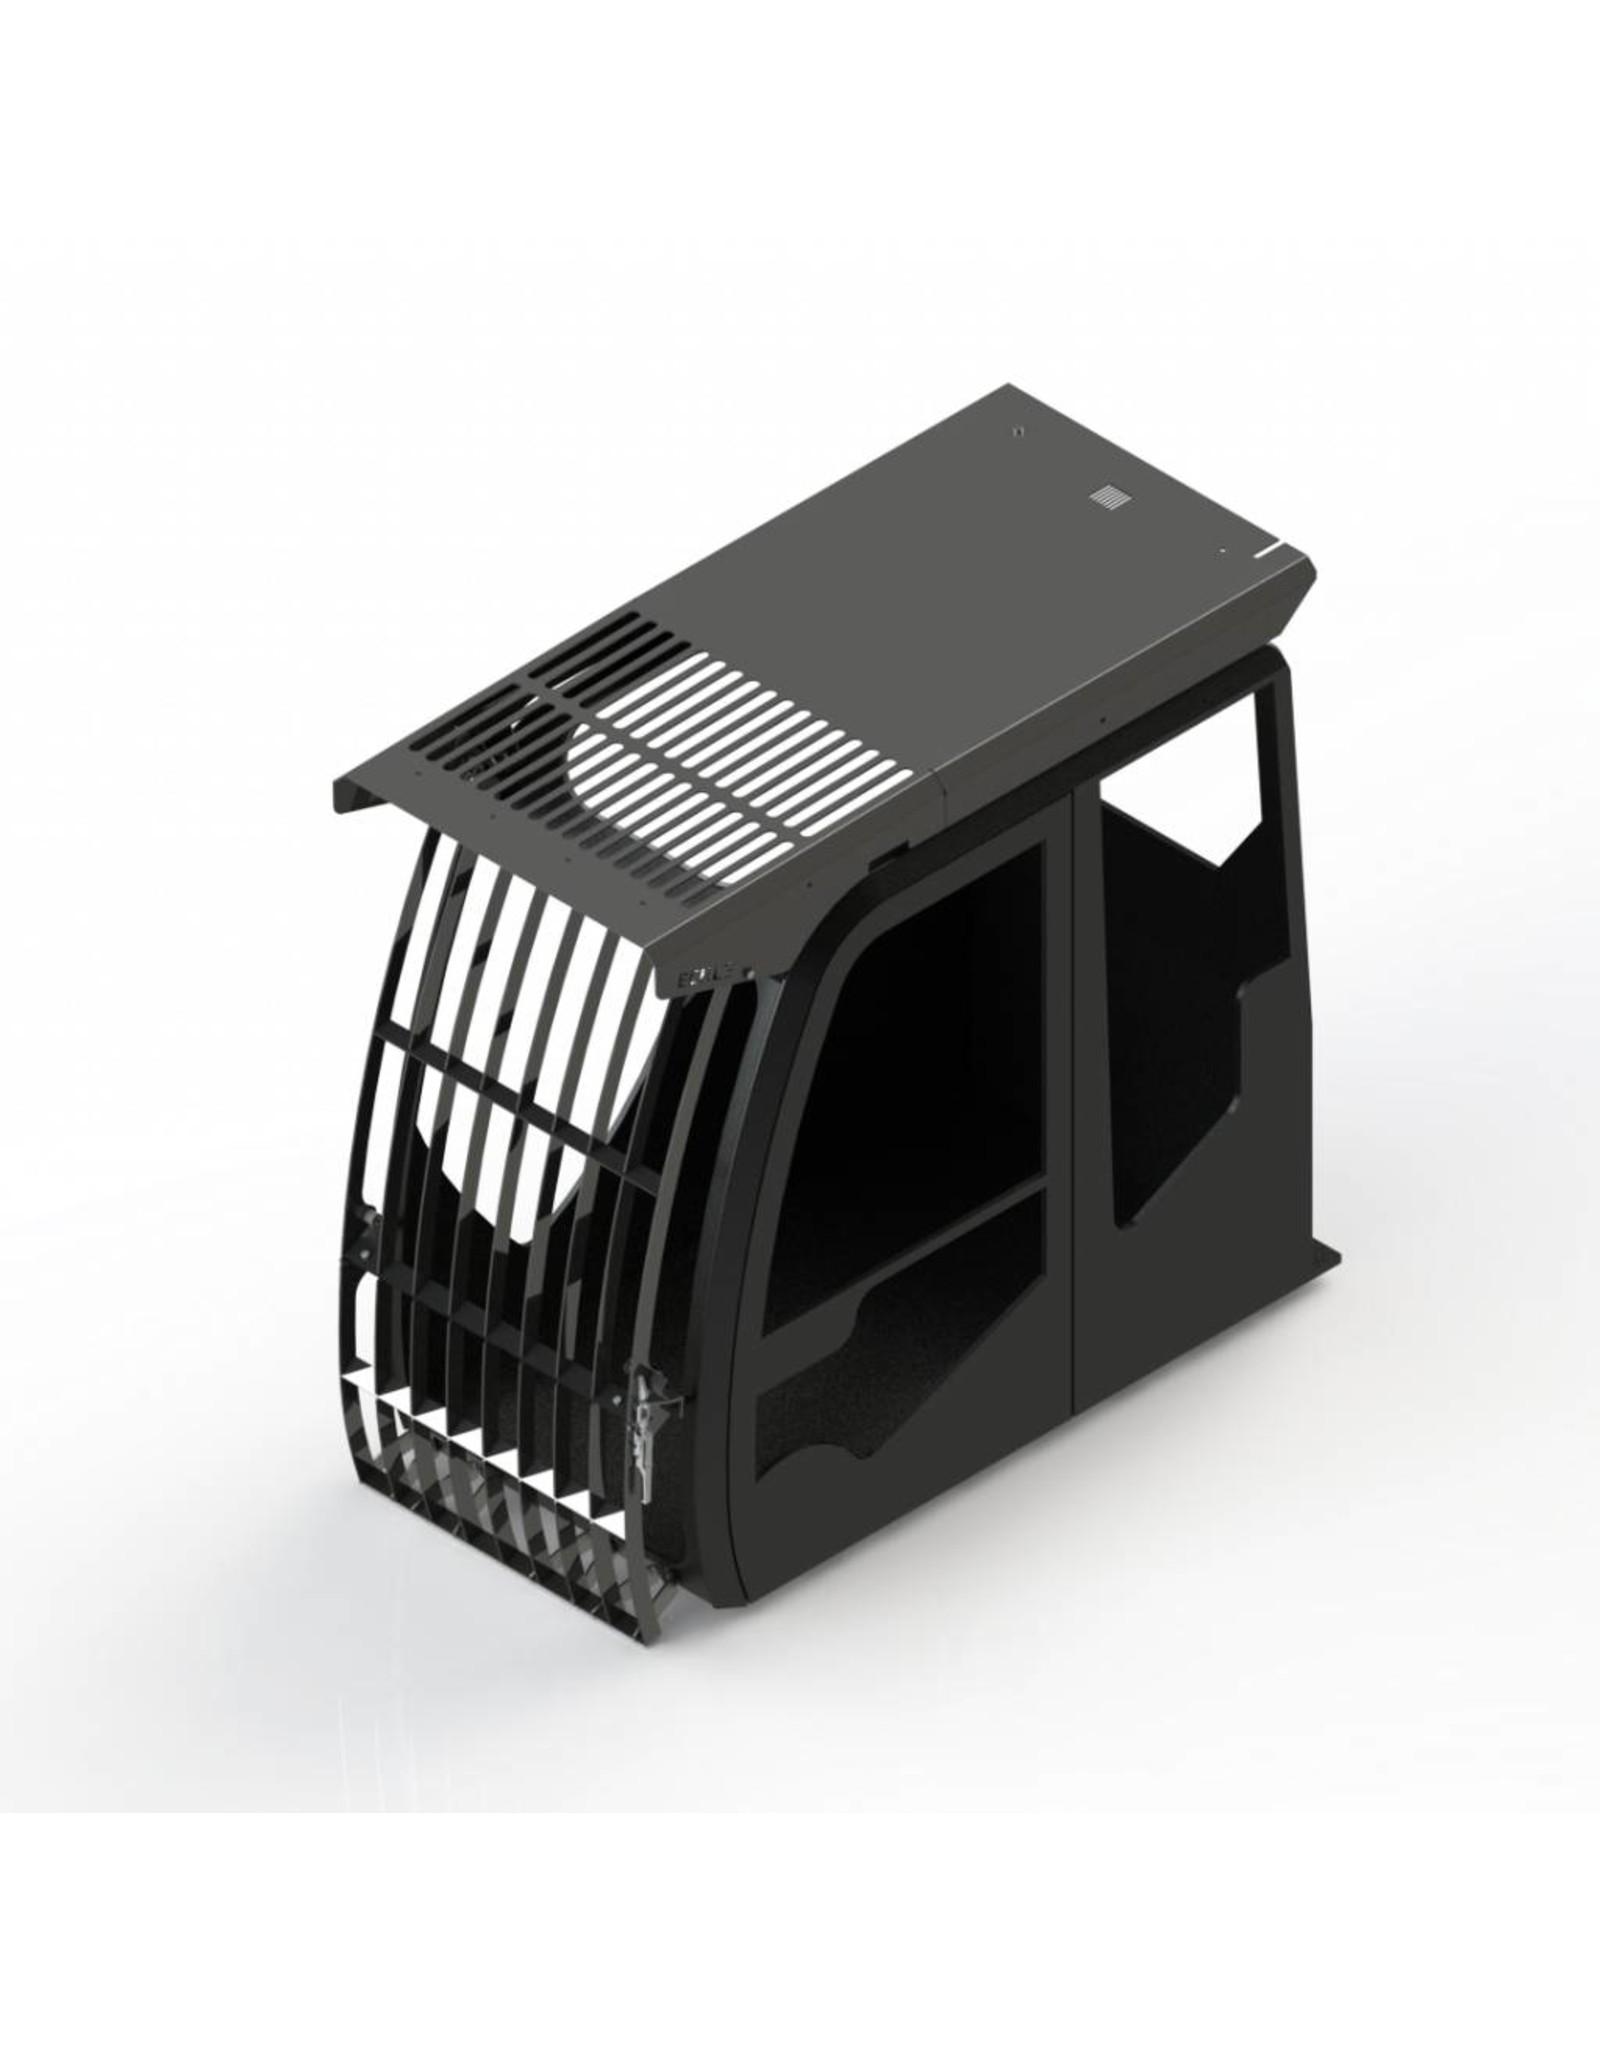 Echle Hartstahl GmbH FOPS for Komatsu PW160-10/11